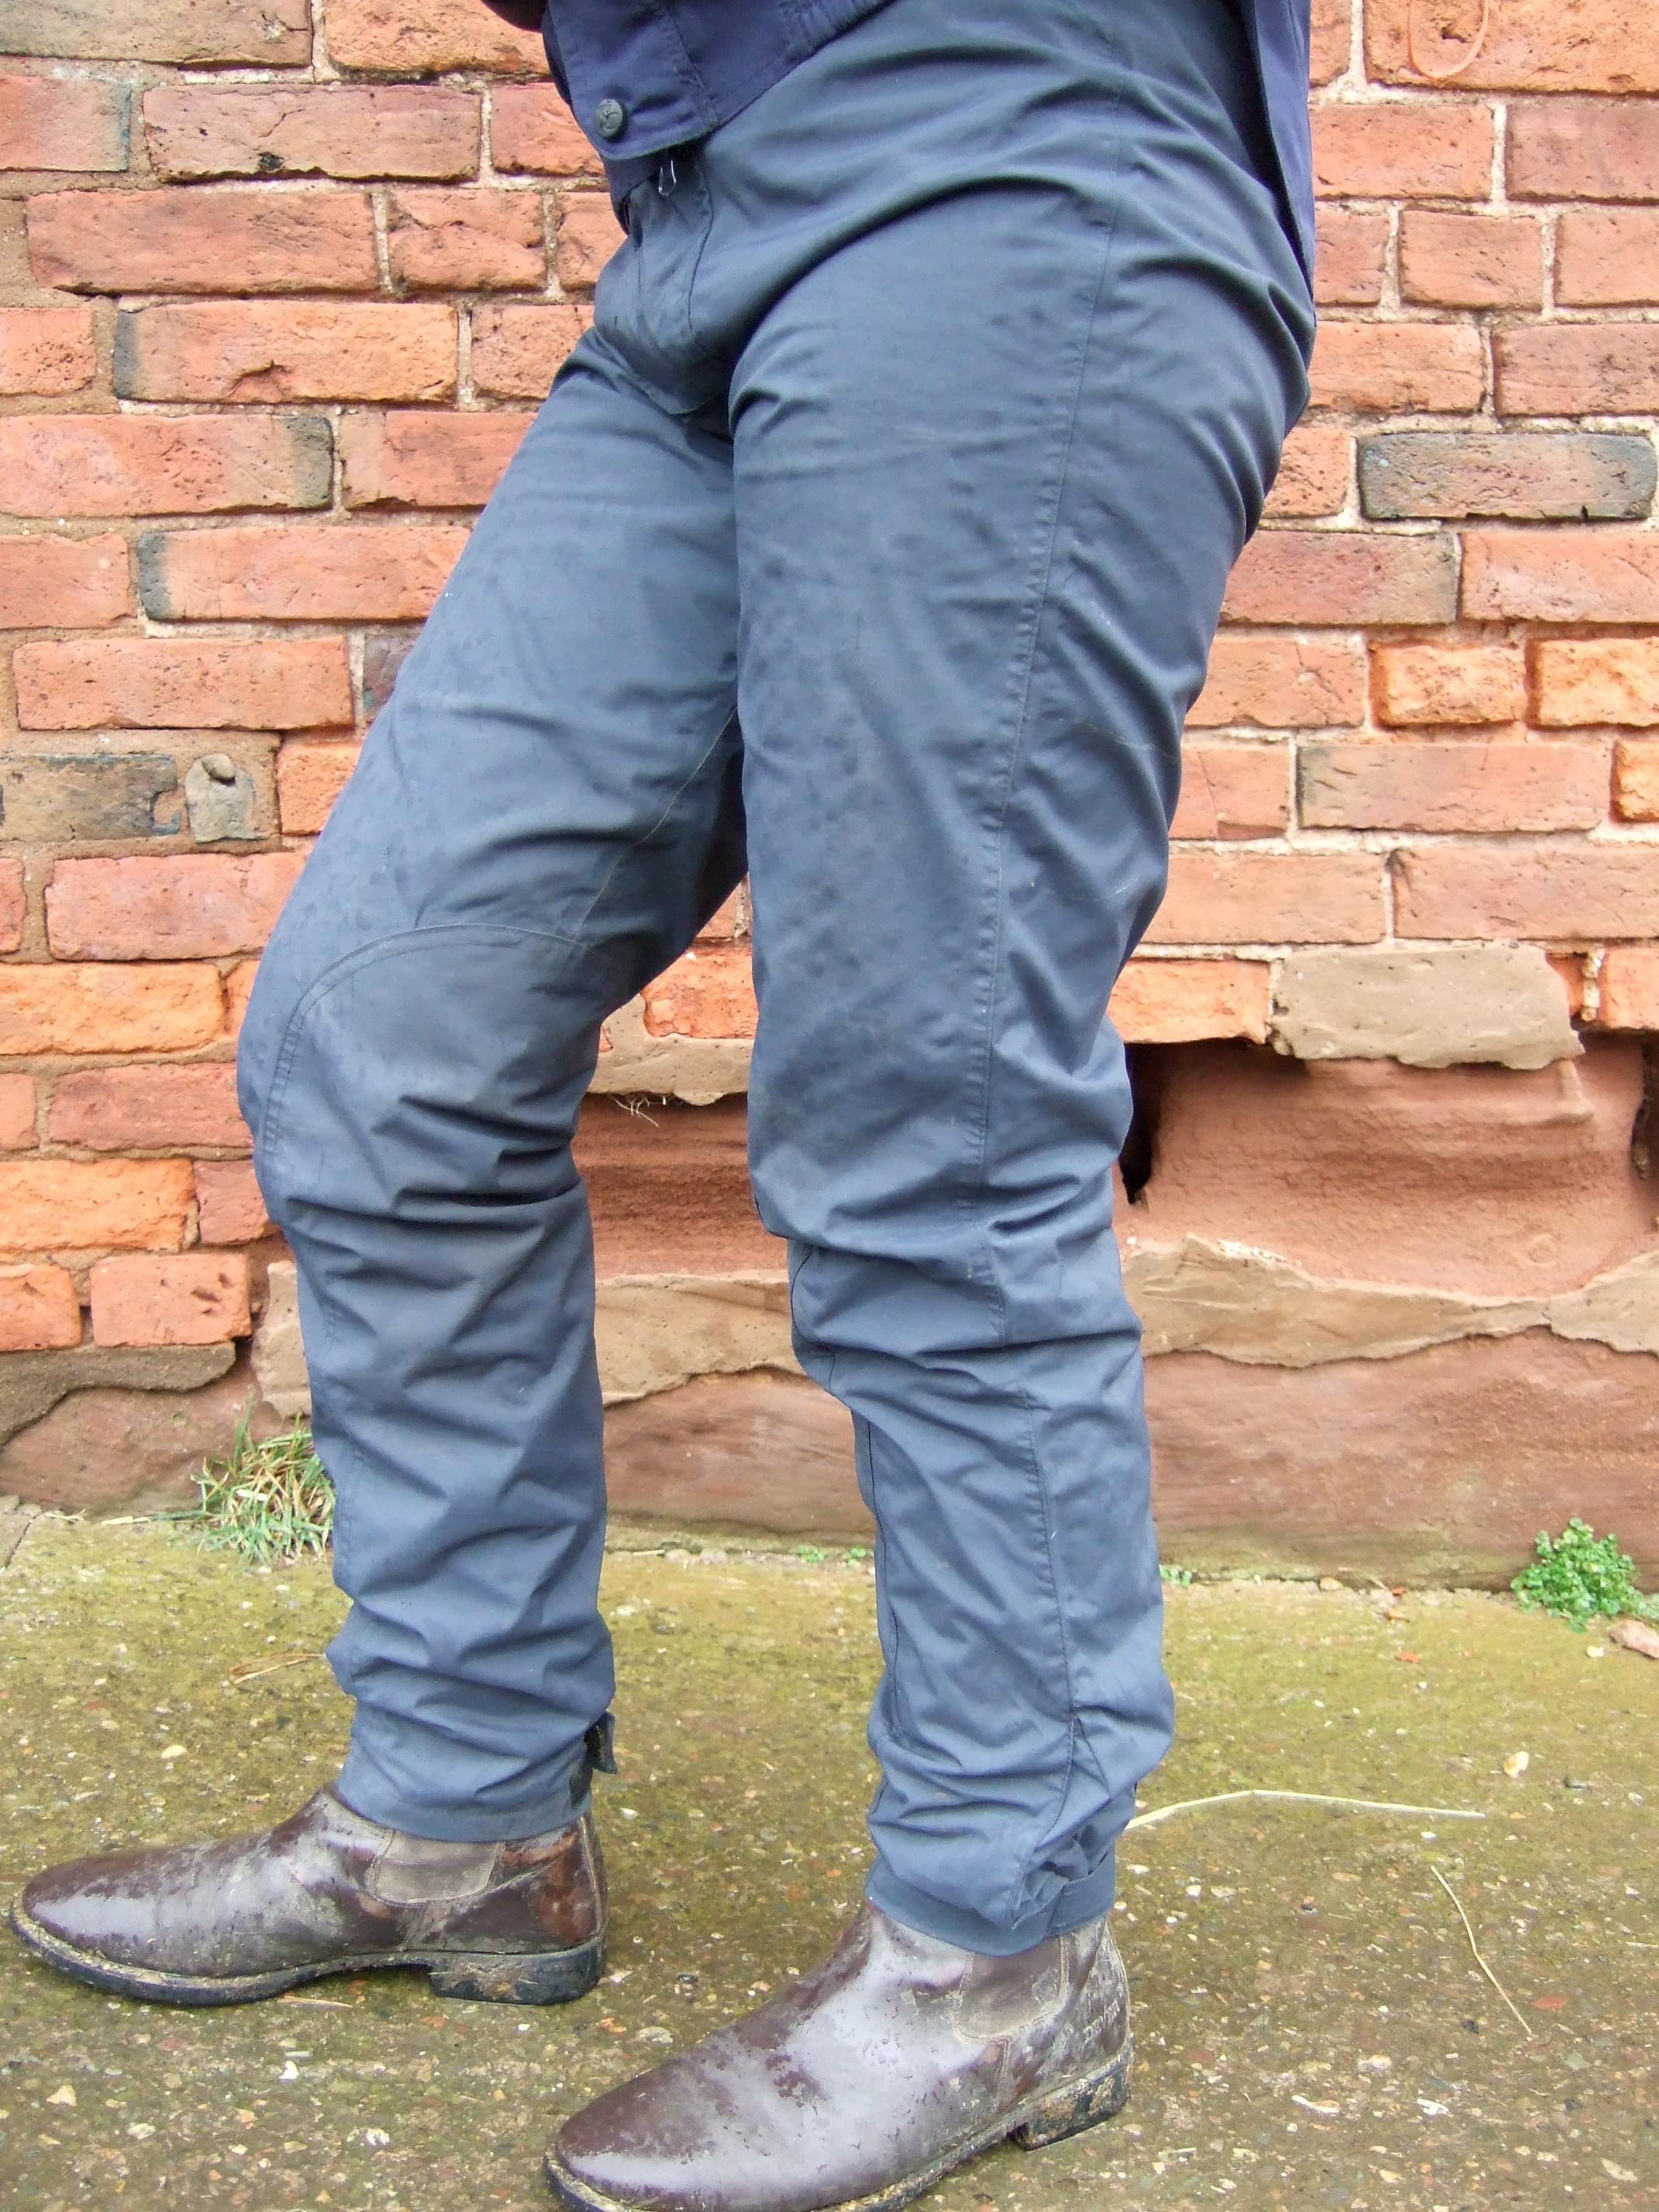 New Ornella Leg Cover with Non-Slip